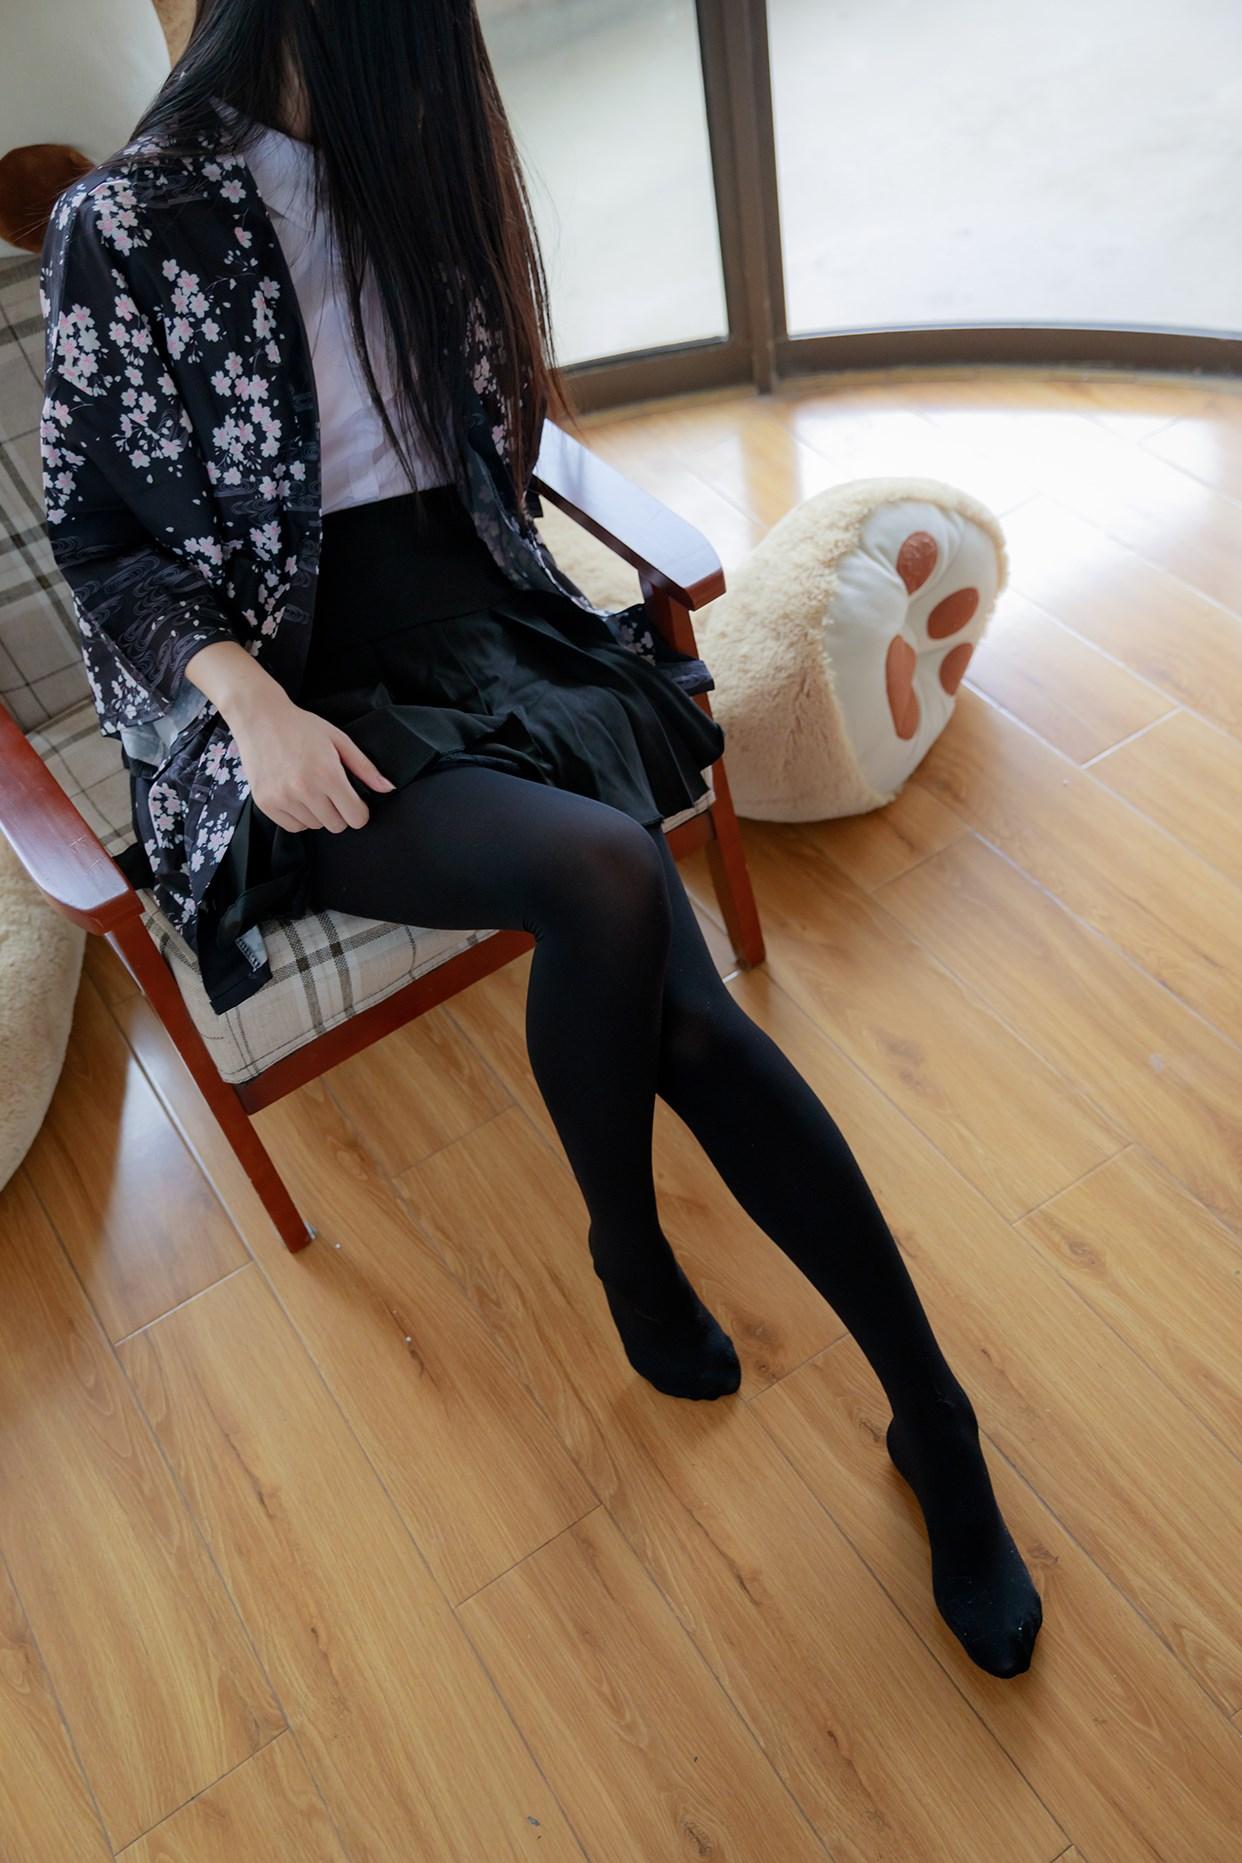 【兔玩映画】椅上的黑丝少女 兔玩映画 第11张